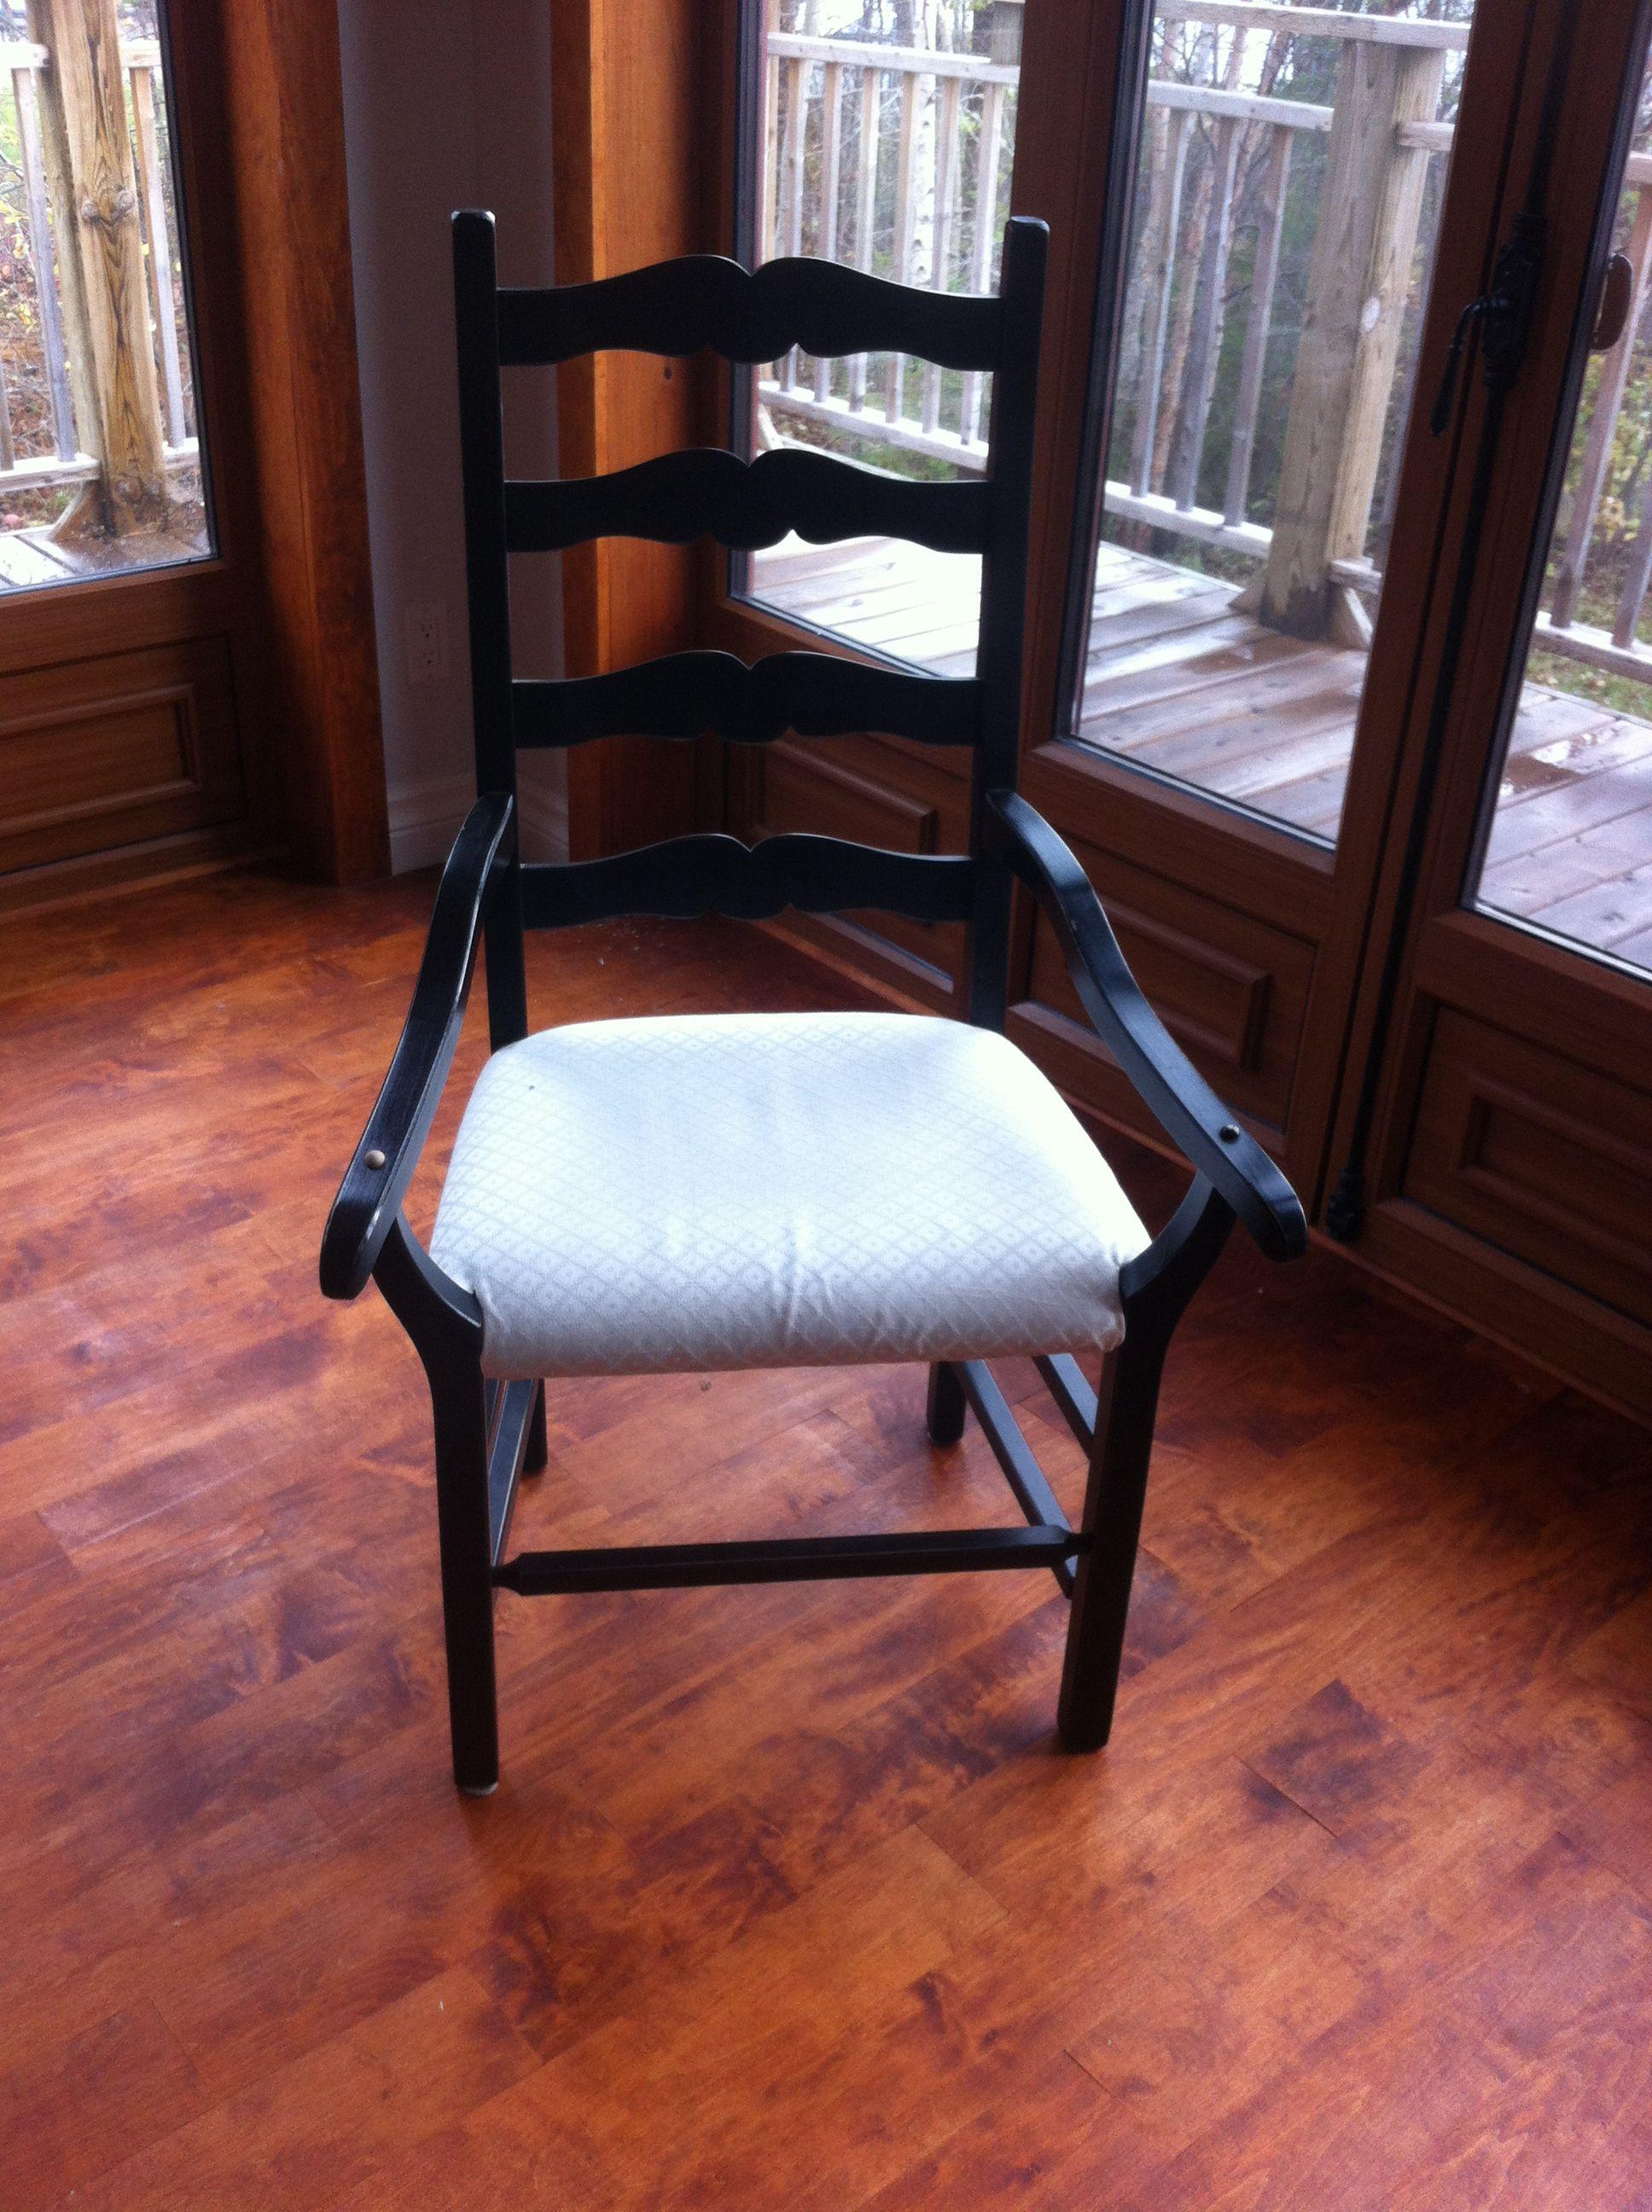 Una silla es donde descansamos, soénamos, reimo e incluso lloramos, la cercania del secreto y la distancia de los silencios, la angustia de la espera, la tranquilidad de la taza de té...el apoyo invisible de todos nuestros momentos.....